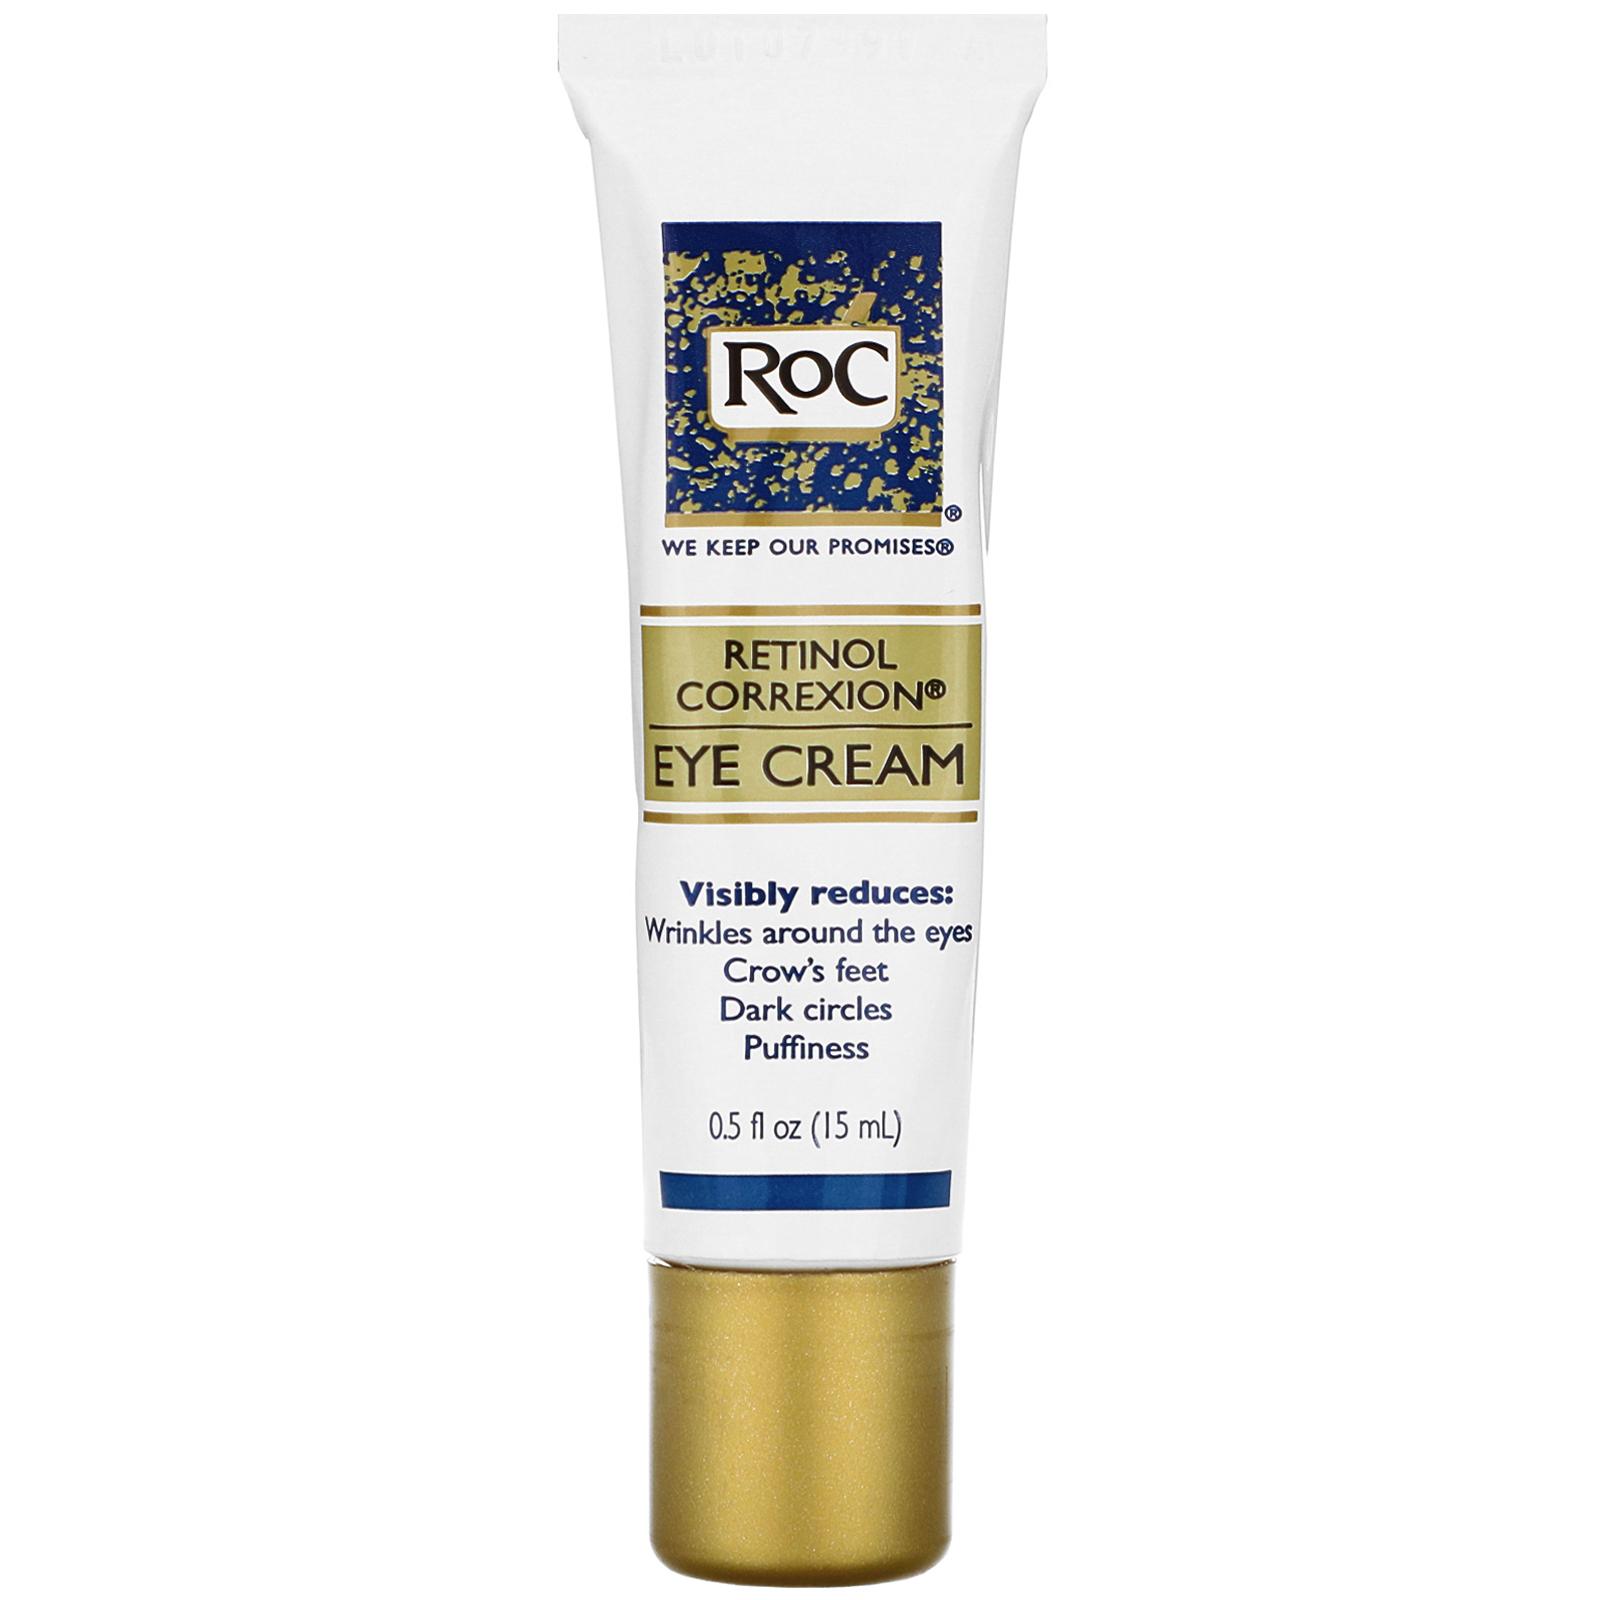 Roc Retinol Correxion Eye Cream 0 5 Fl Oz 15 Ml Iherb